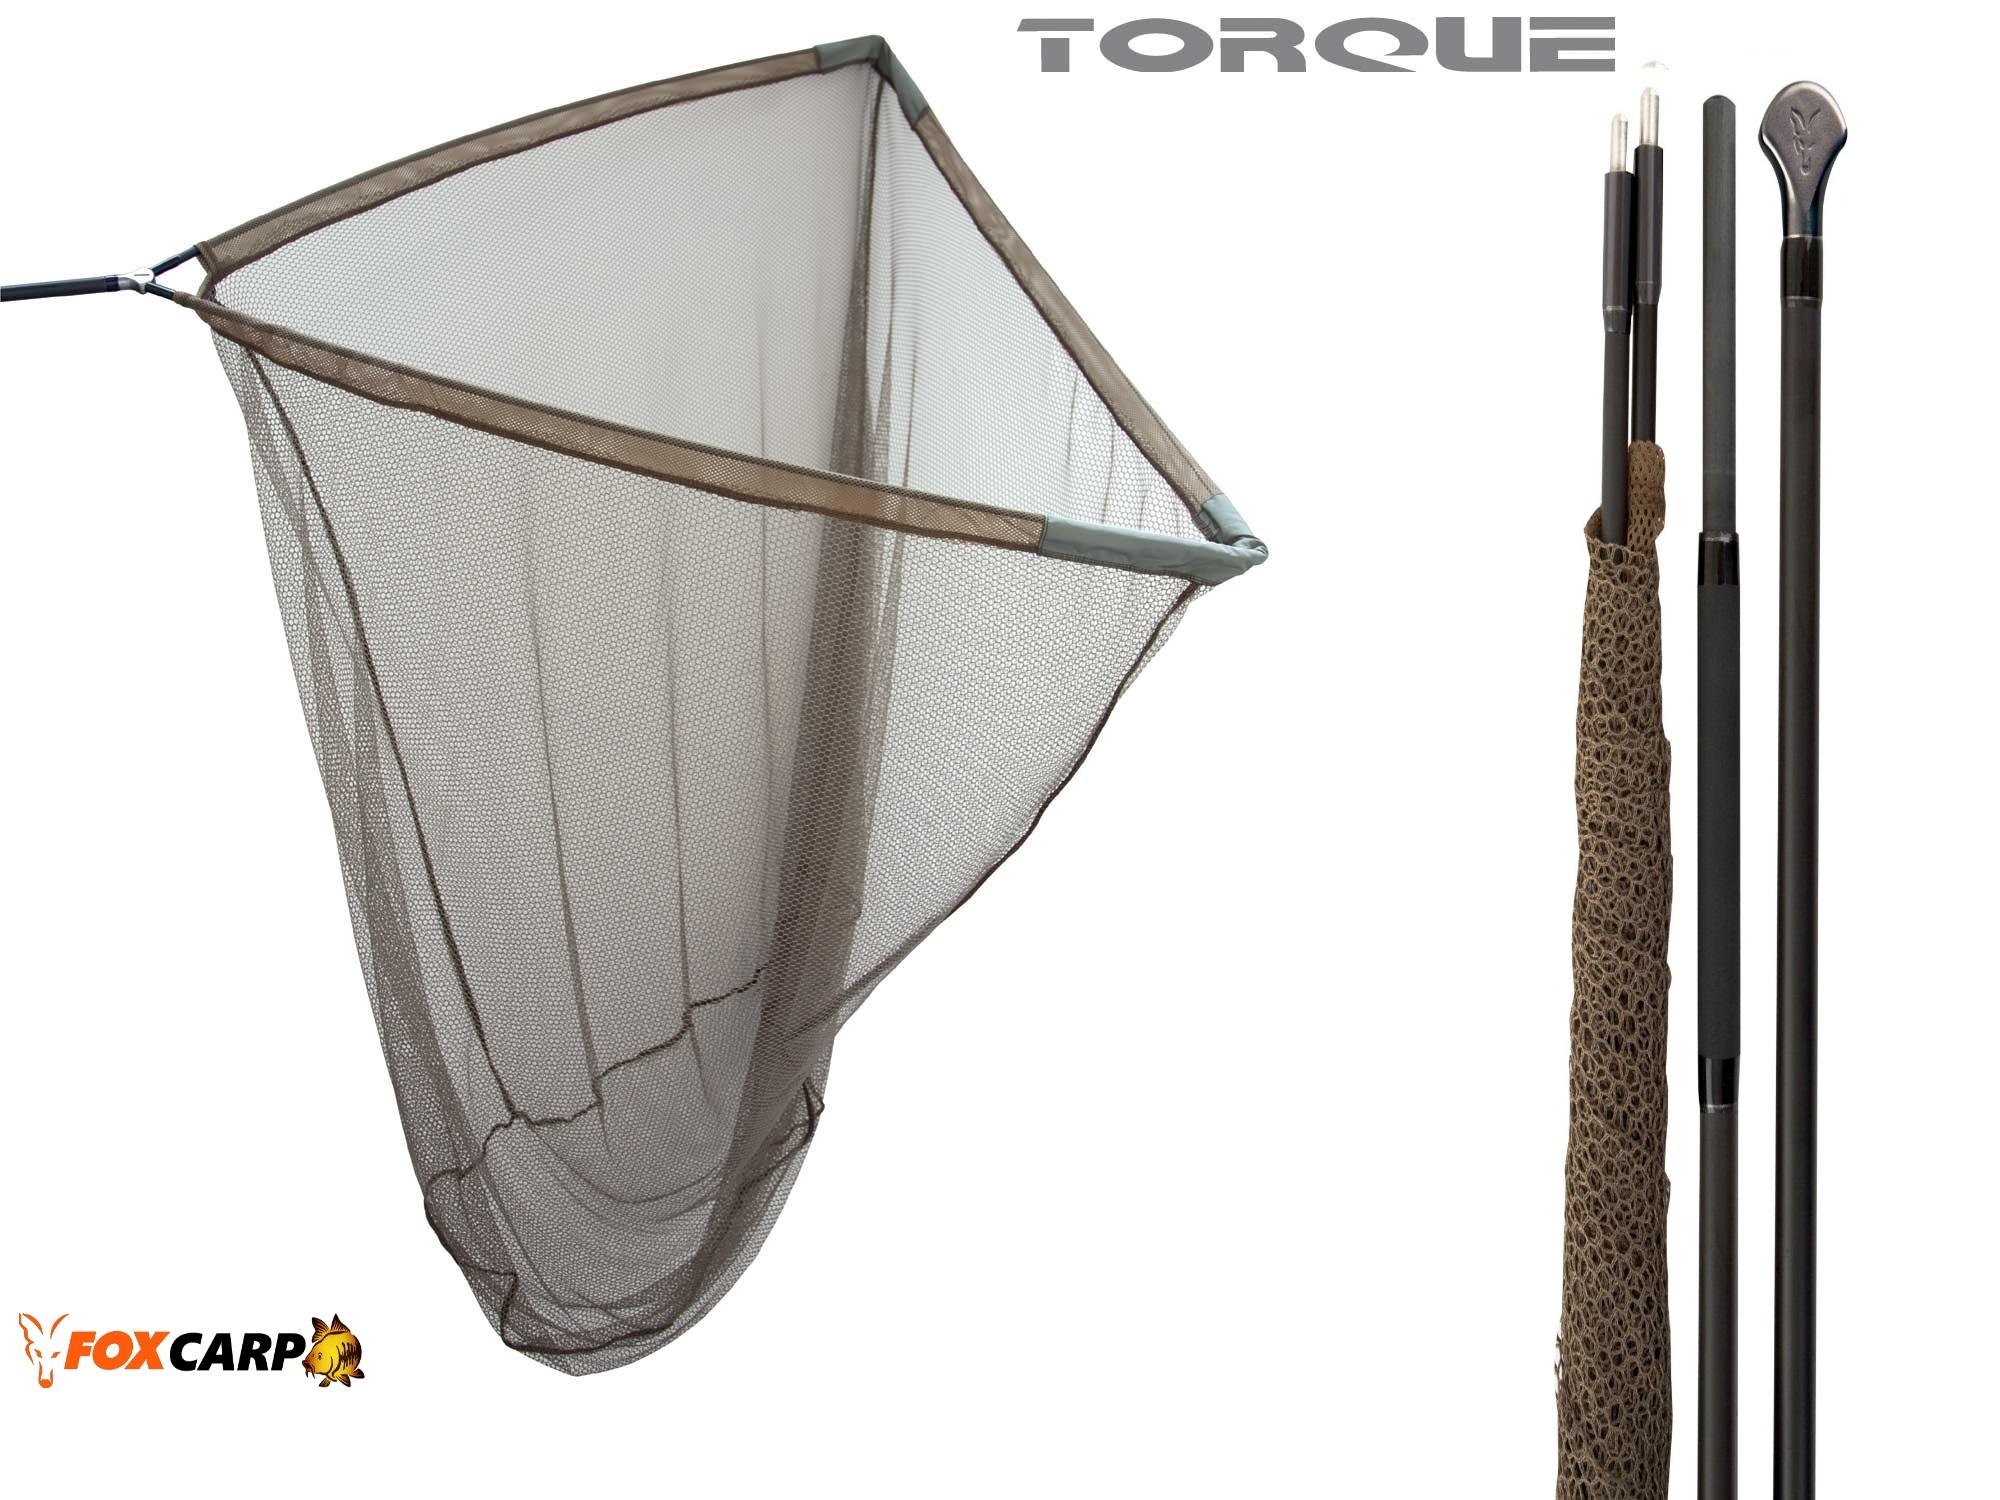 FOX подсак c двусоставной рукояткой Torque 42 дюйма